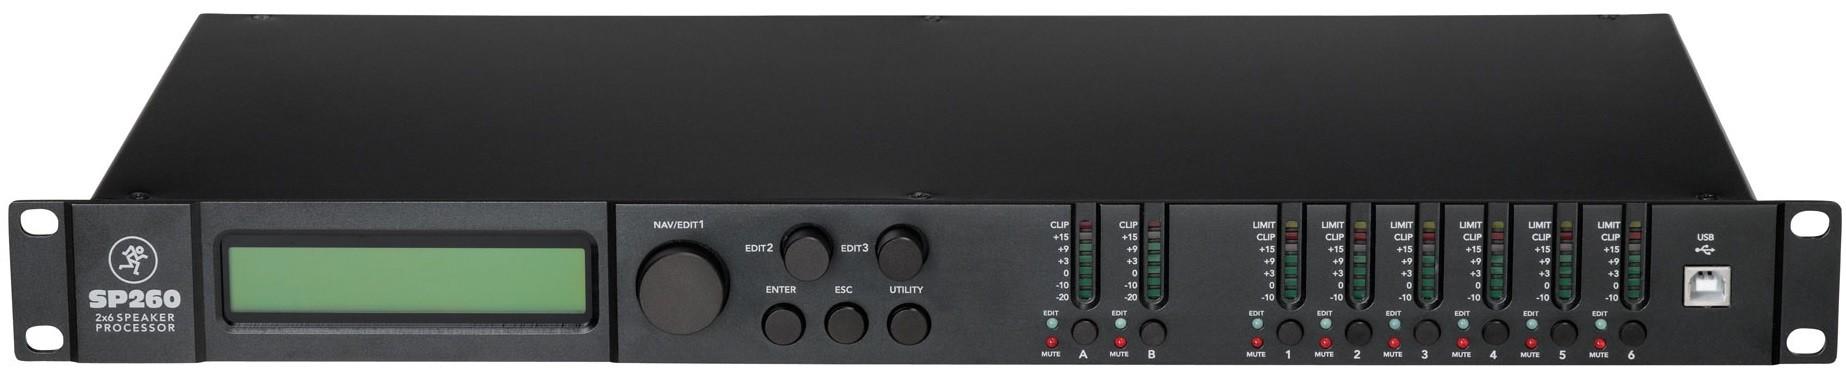 Контроллер Mackie SP260